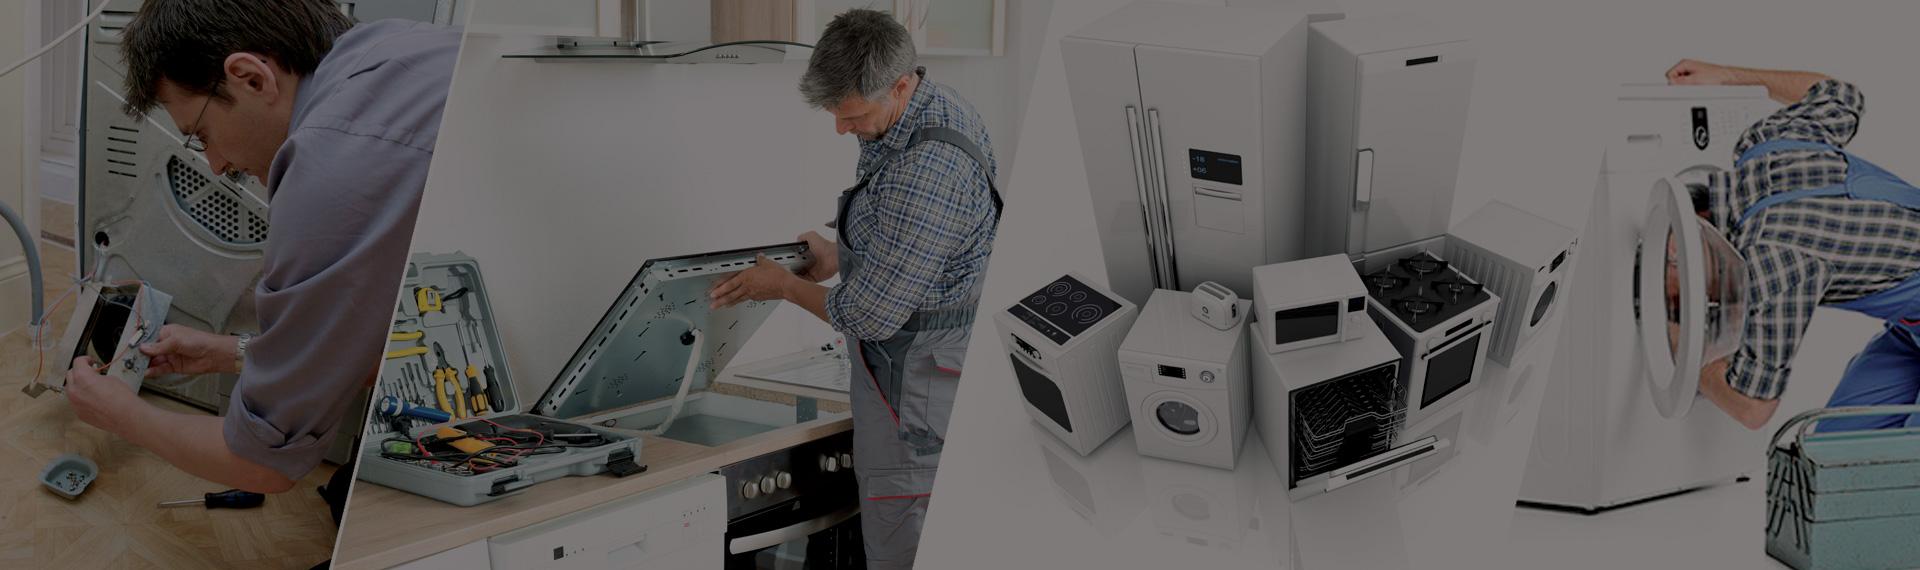 Teckrom Appliance Repair La Jolla CA